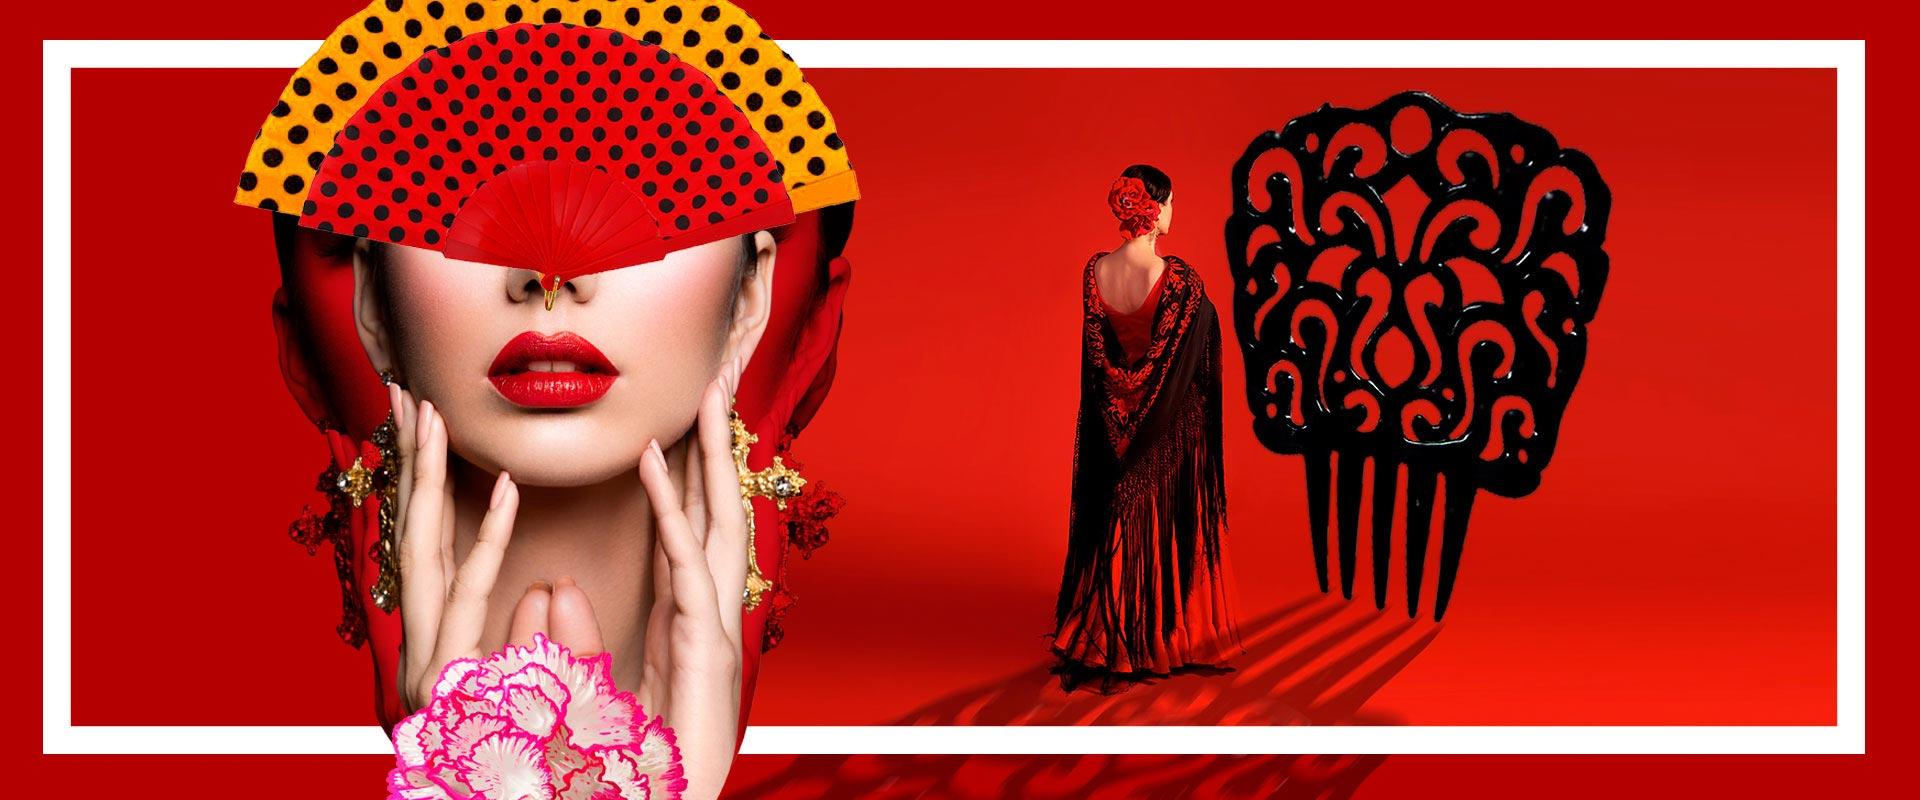 fotografia diseño grafico y diseño web